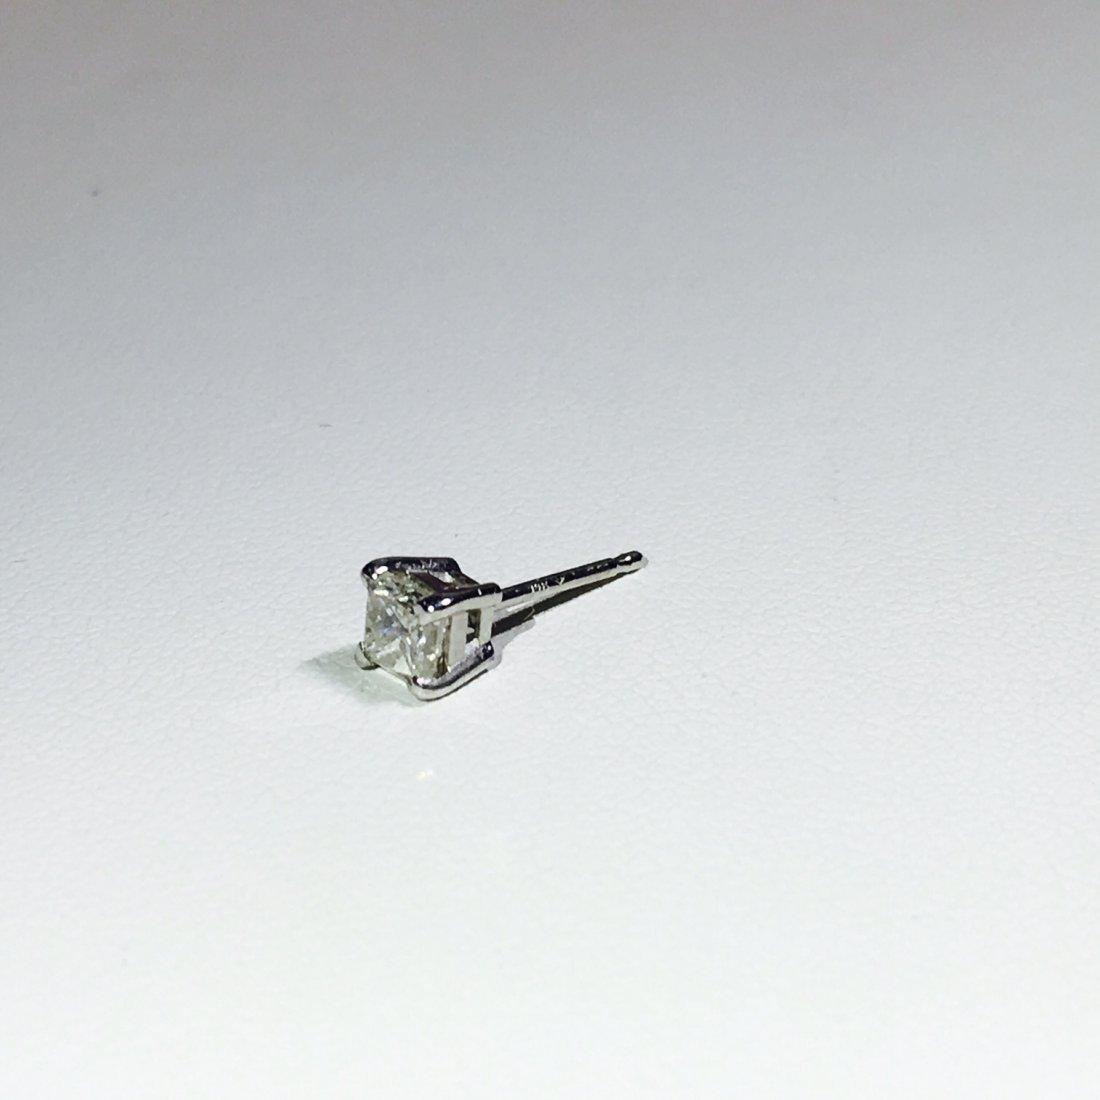 14K White Gold 0.30 CT Diamond Stud/Earring. - 3